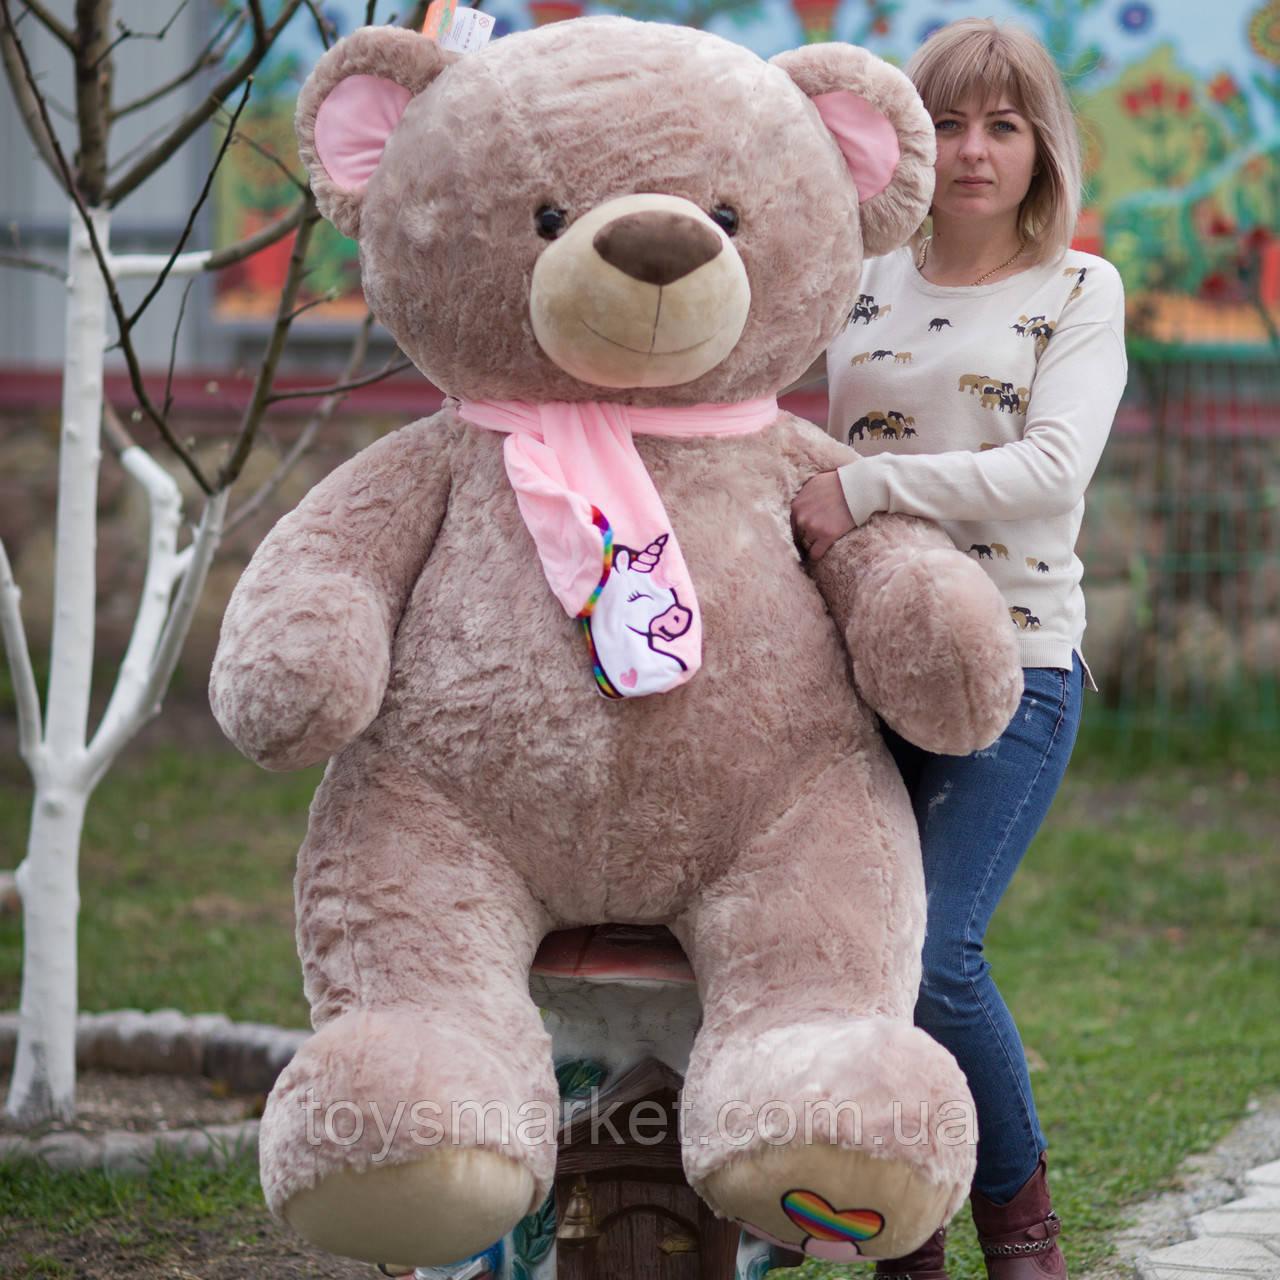 """Плюшевый мишка """"Тоша"""", большая мягкая игрушка медведь 150 см, плюшевая игрушка медведь"""